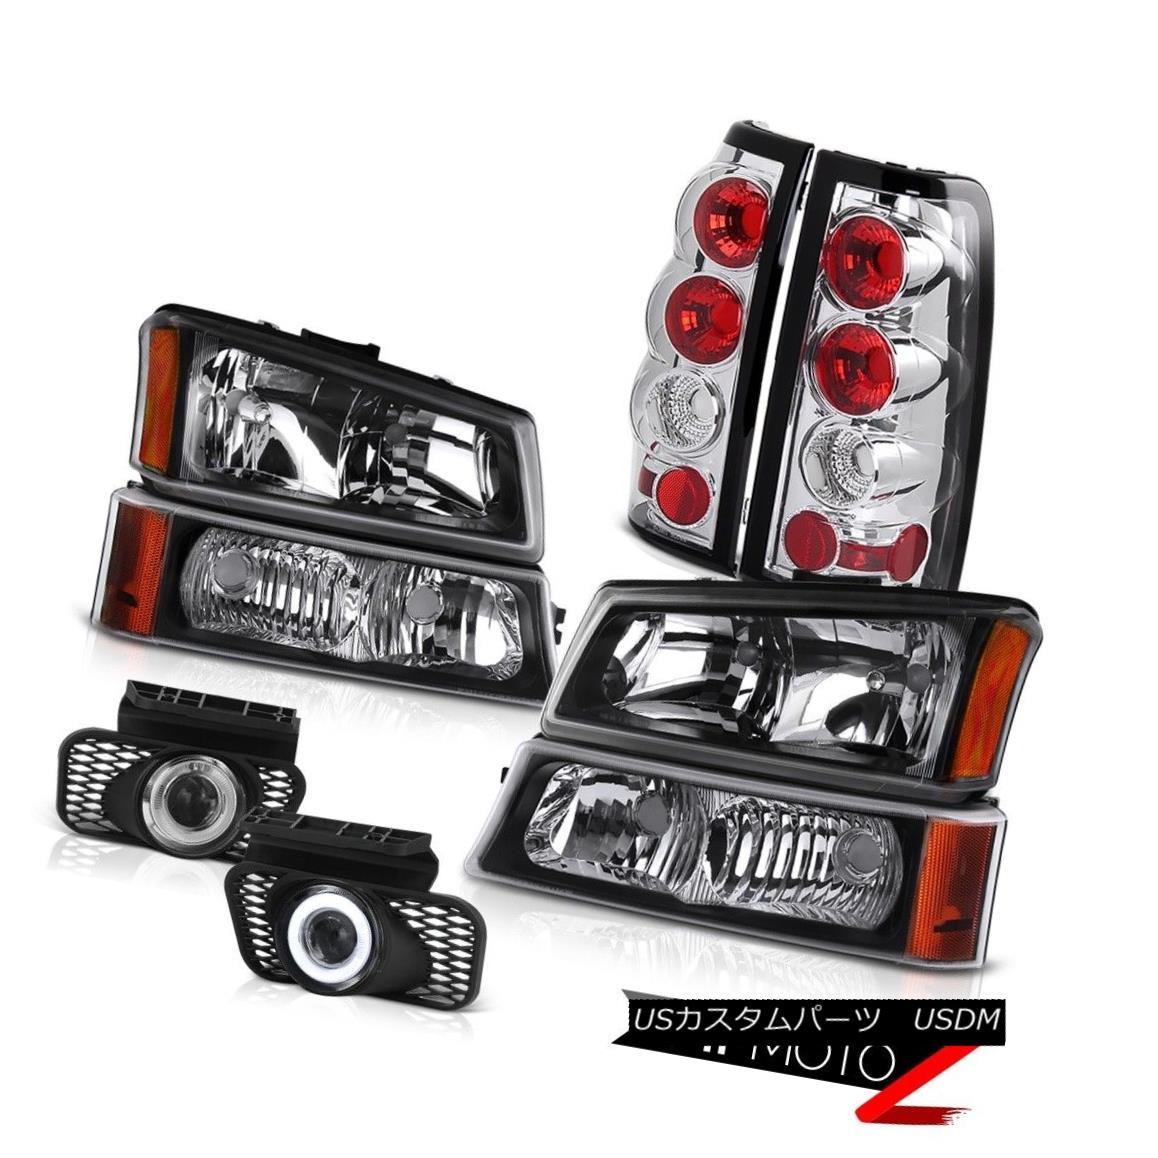 ヘッドライト Black Headlight Altezza Tail Lights Projector Foglamp 03-06 Silverado Vortec Max ブラックヘッドライトAltezzaテールライトプロジェクターFoglamp 03-06 Silverado Vortec Max